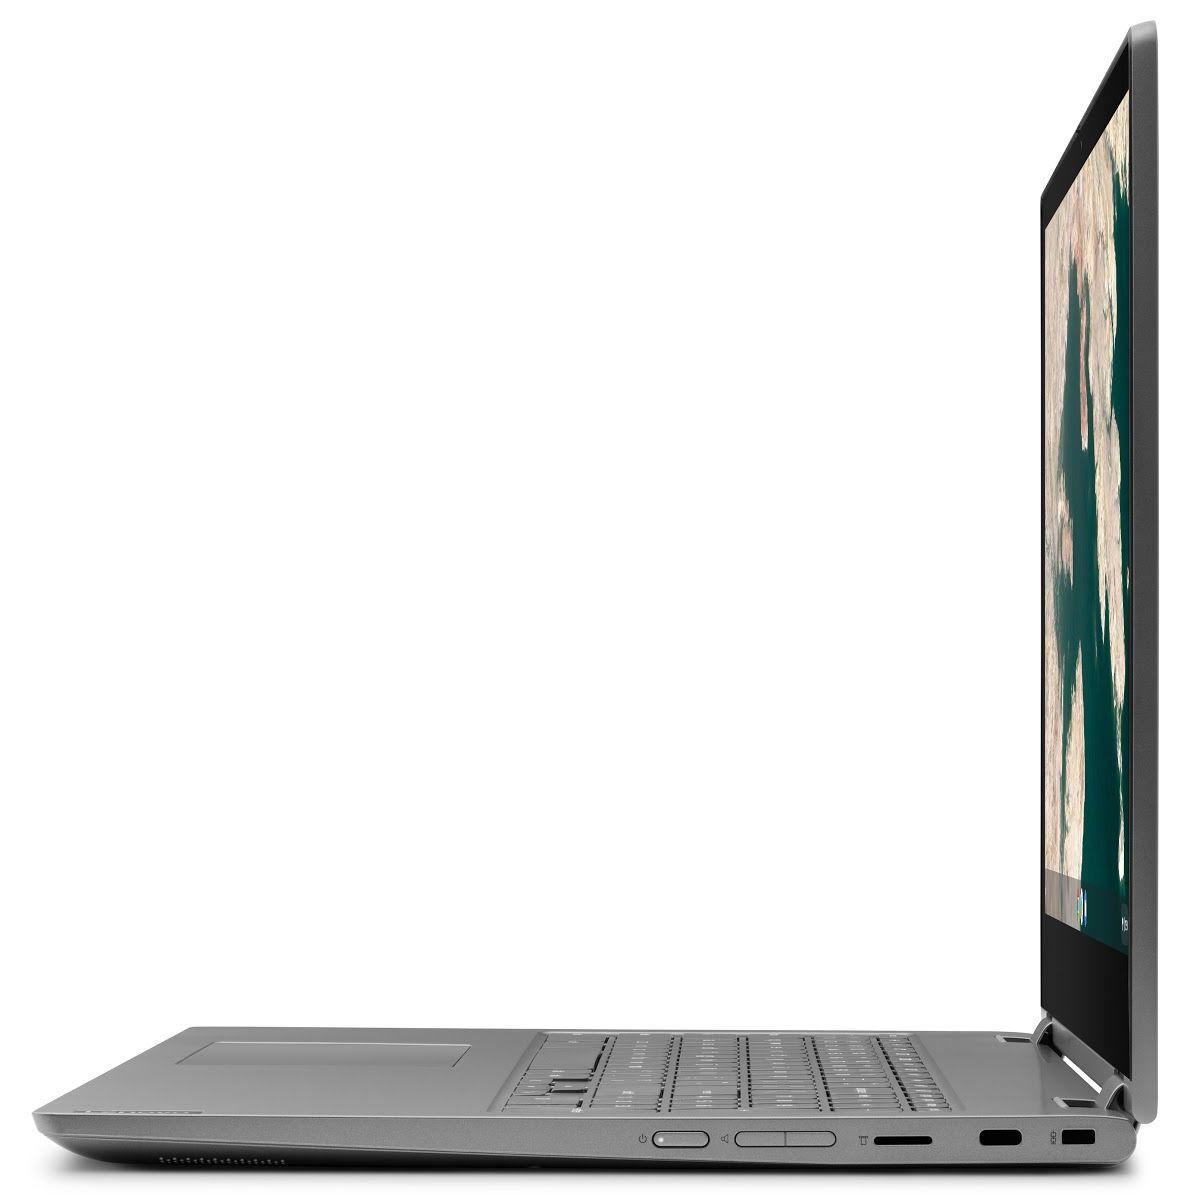 Obr. 2: Chromebook C340 nabízí široké možnosti připojení. Dvojice USB-C, jeden standardní USB konektor, čtečka paměťových karet a jack pro připojení sluchátek. Vestavěná 802.11ac WiFi a Bluetooth 4.2 umožňují bezdrátové připojení.